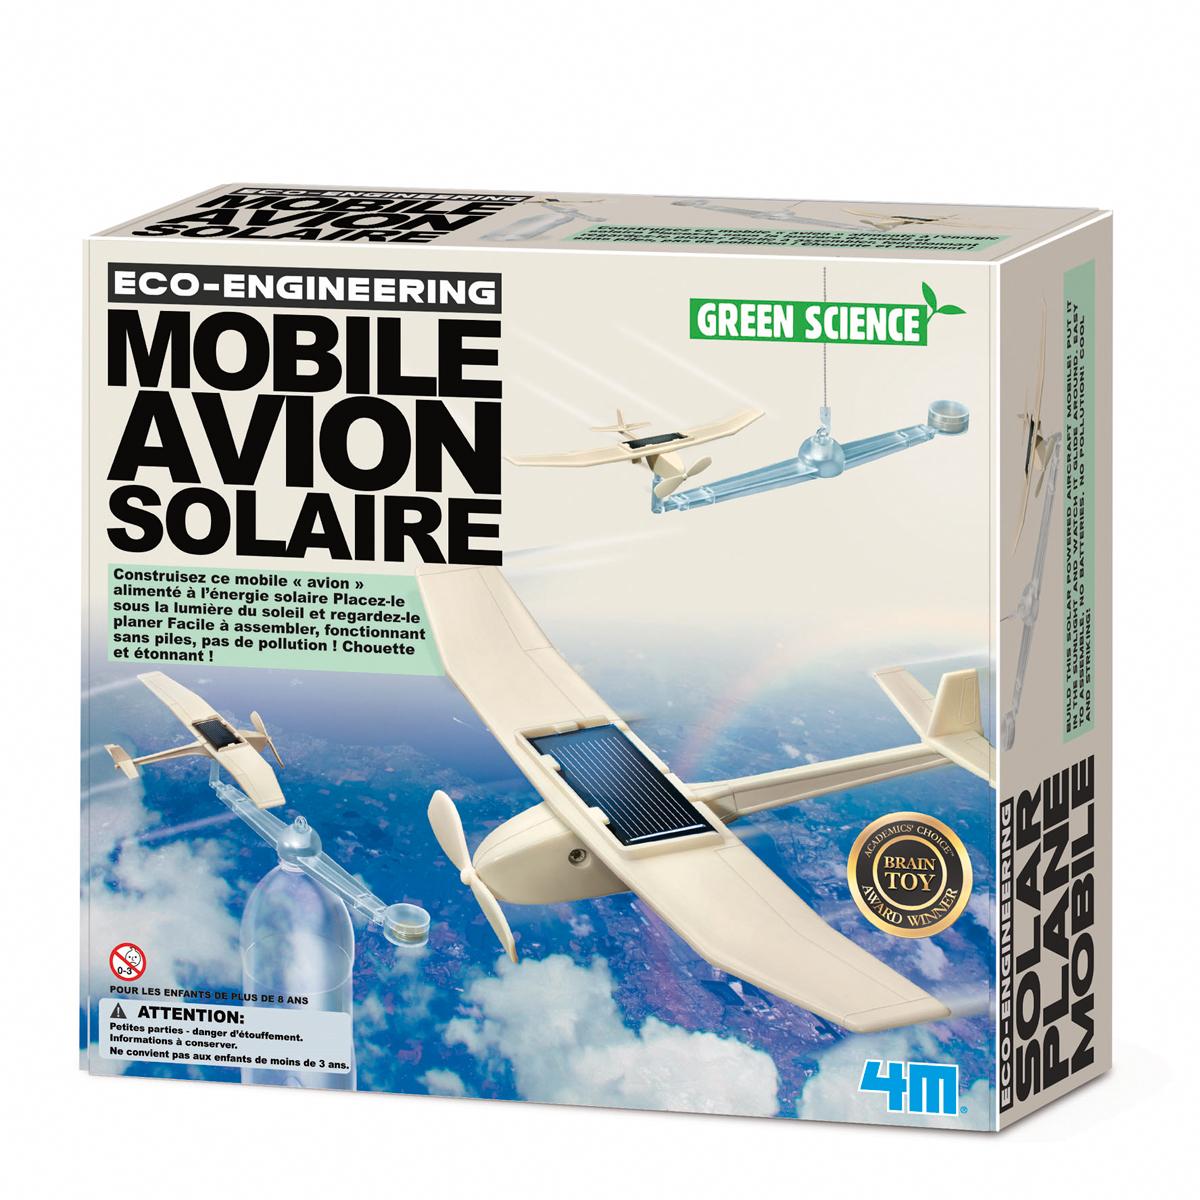 Mobile avion solaire, jeu éducatif et scientifique